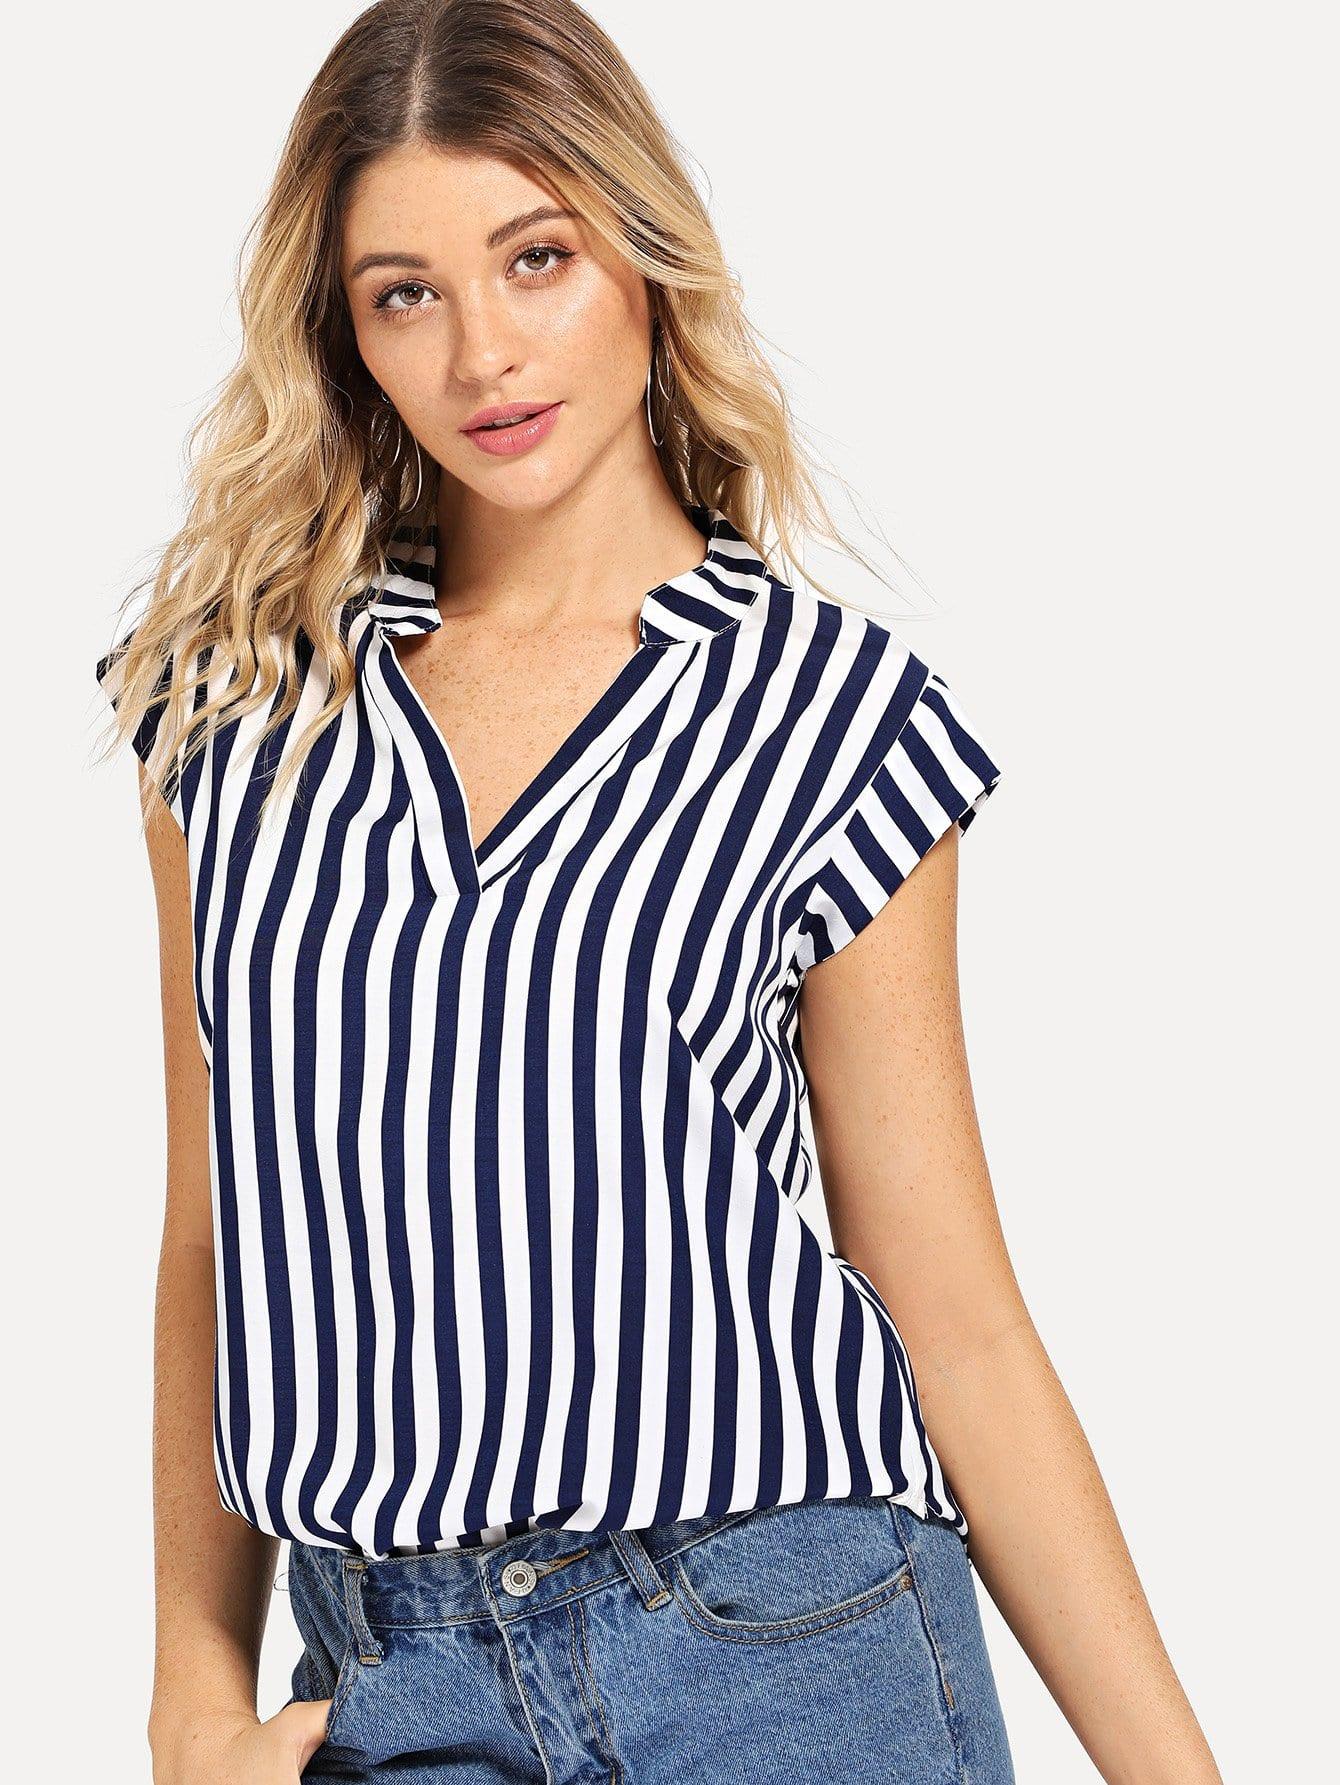 Купить Полосатая рубашка и с V-образным вырезом, Nathane, SheIn